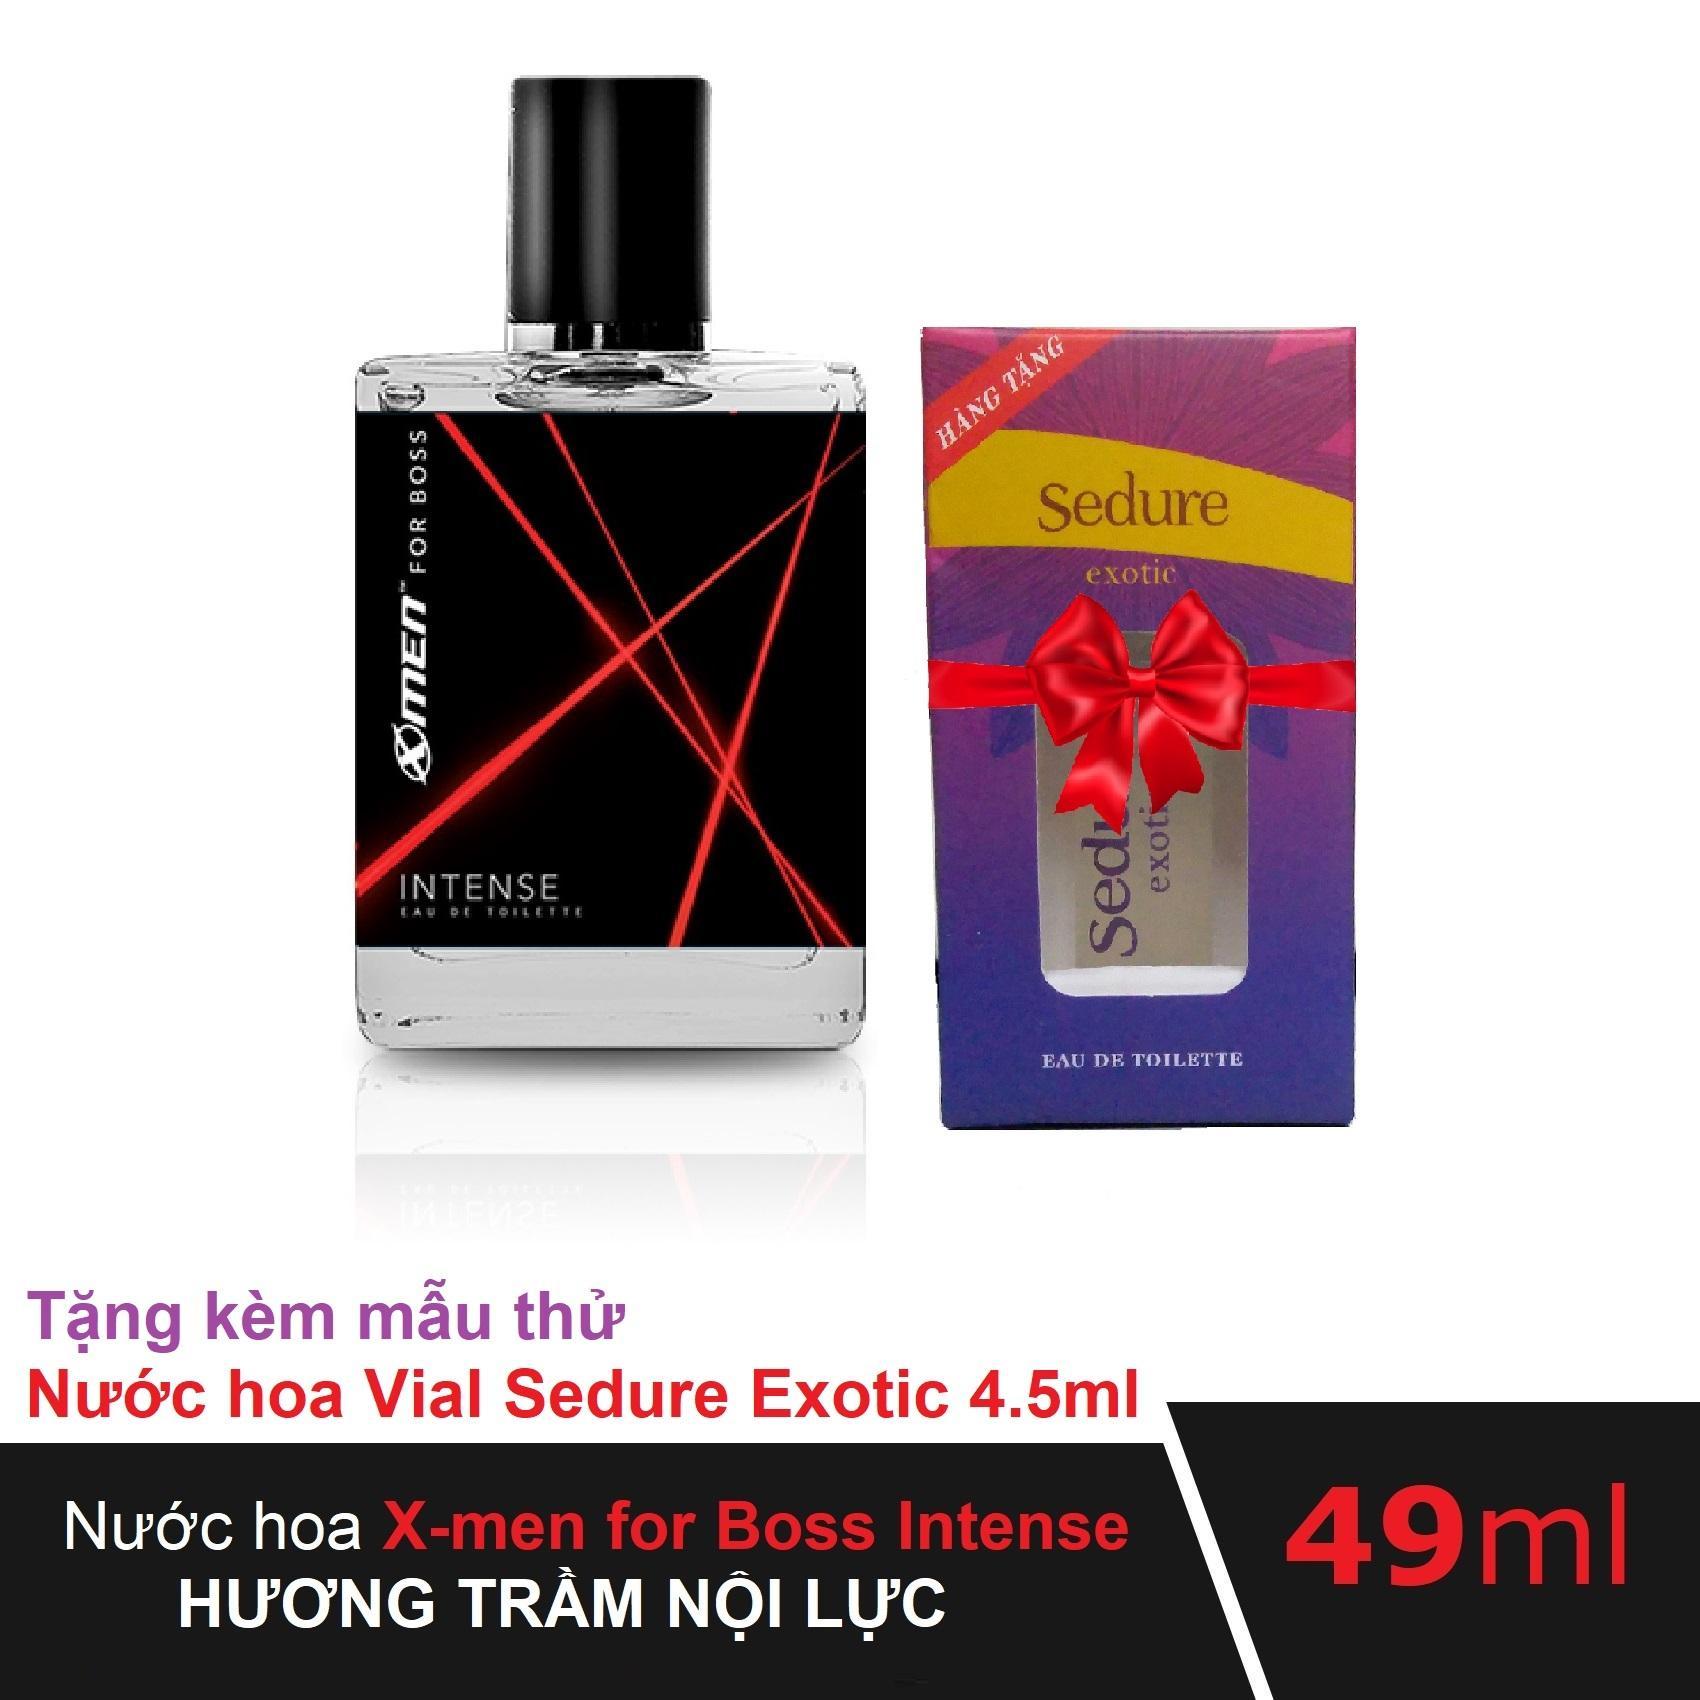 Nước hoa Xmen for Boss Intense 49ml tặng kèm Nước hoa Vial Nữ Sedure Exotic 4.5ml hương thơm hòa hợp cho cặp đôi